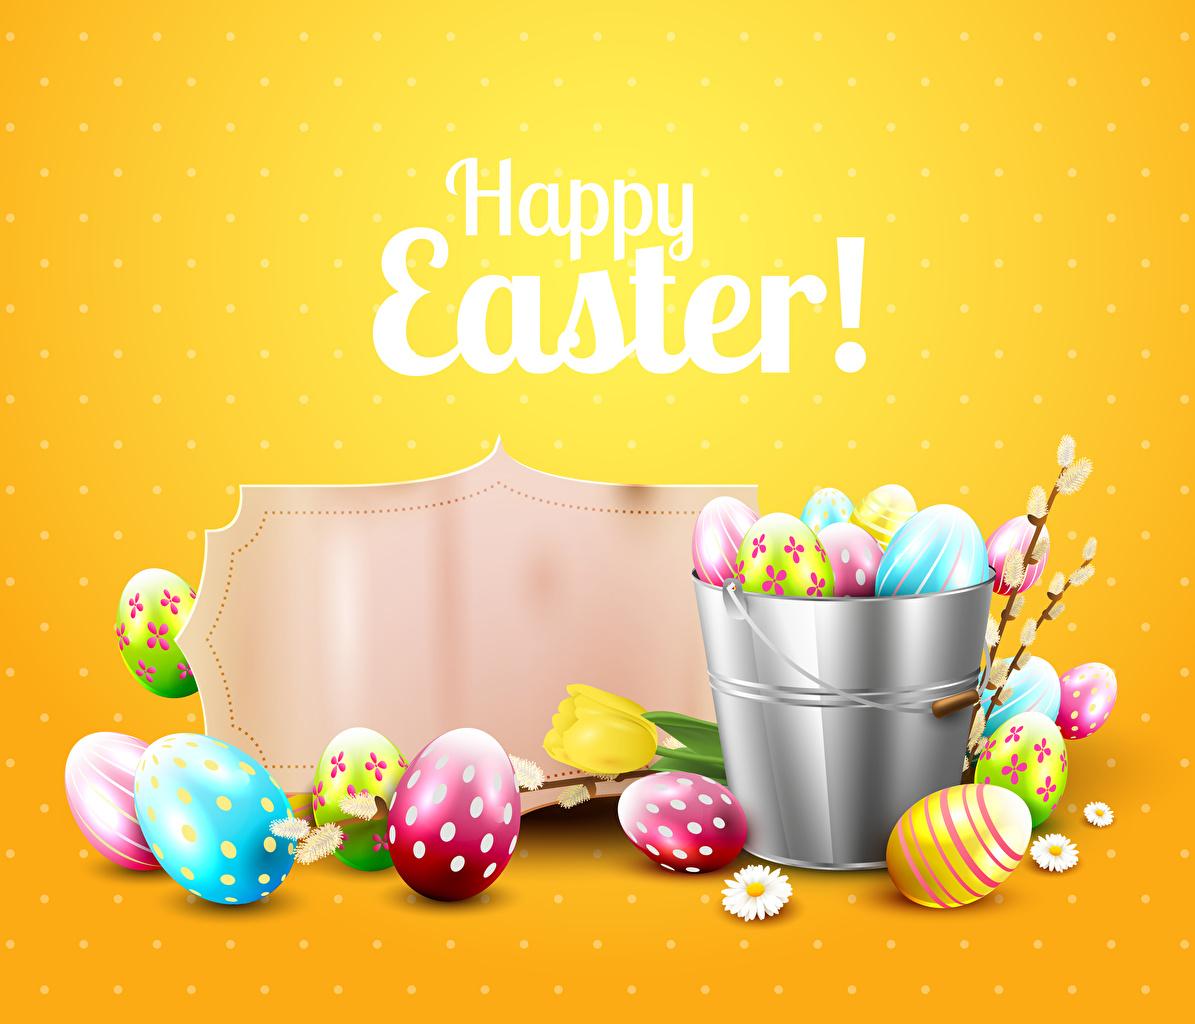 Картинка Пасха английская Яйца ведра тюльпан Маргаритка Шаблон поздравительной открытки инглийские Английский яиц яйцо яйцами ведре Ведро Тюльпаны